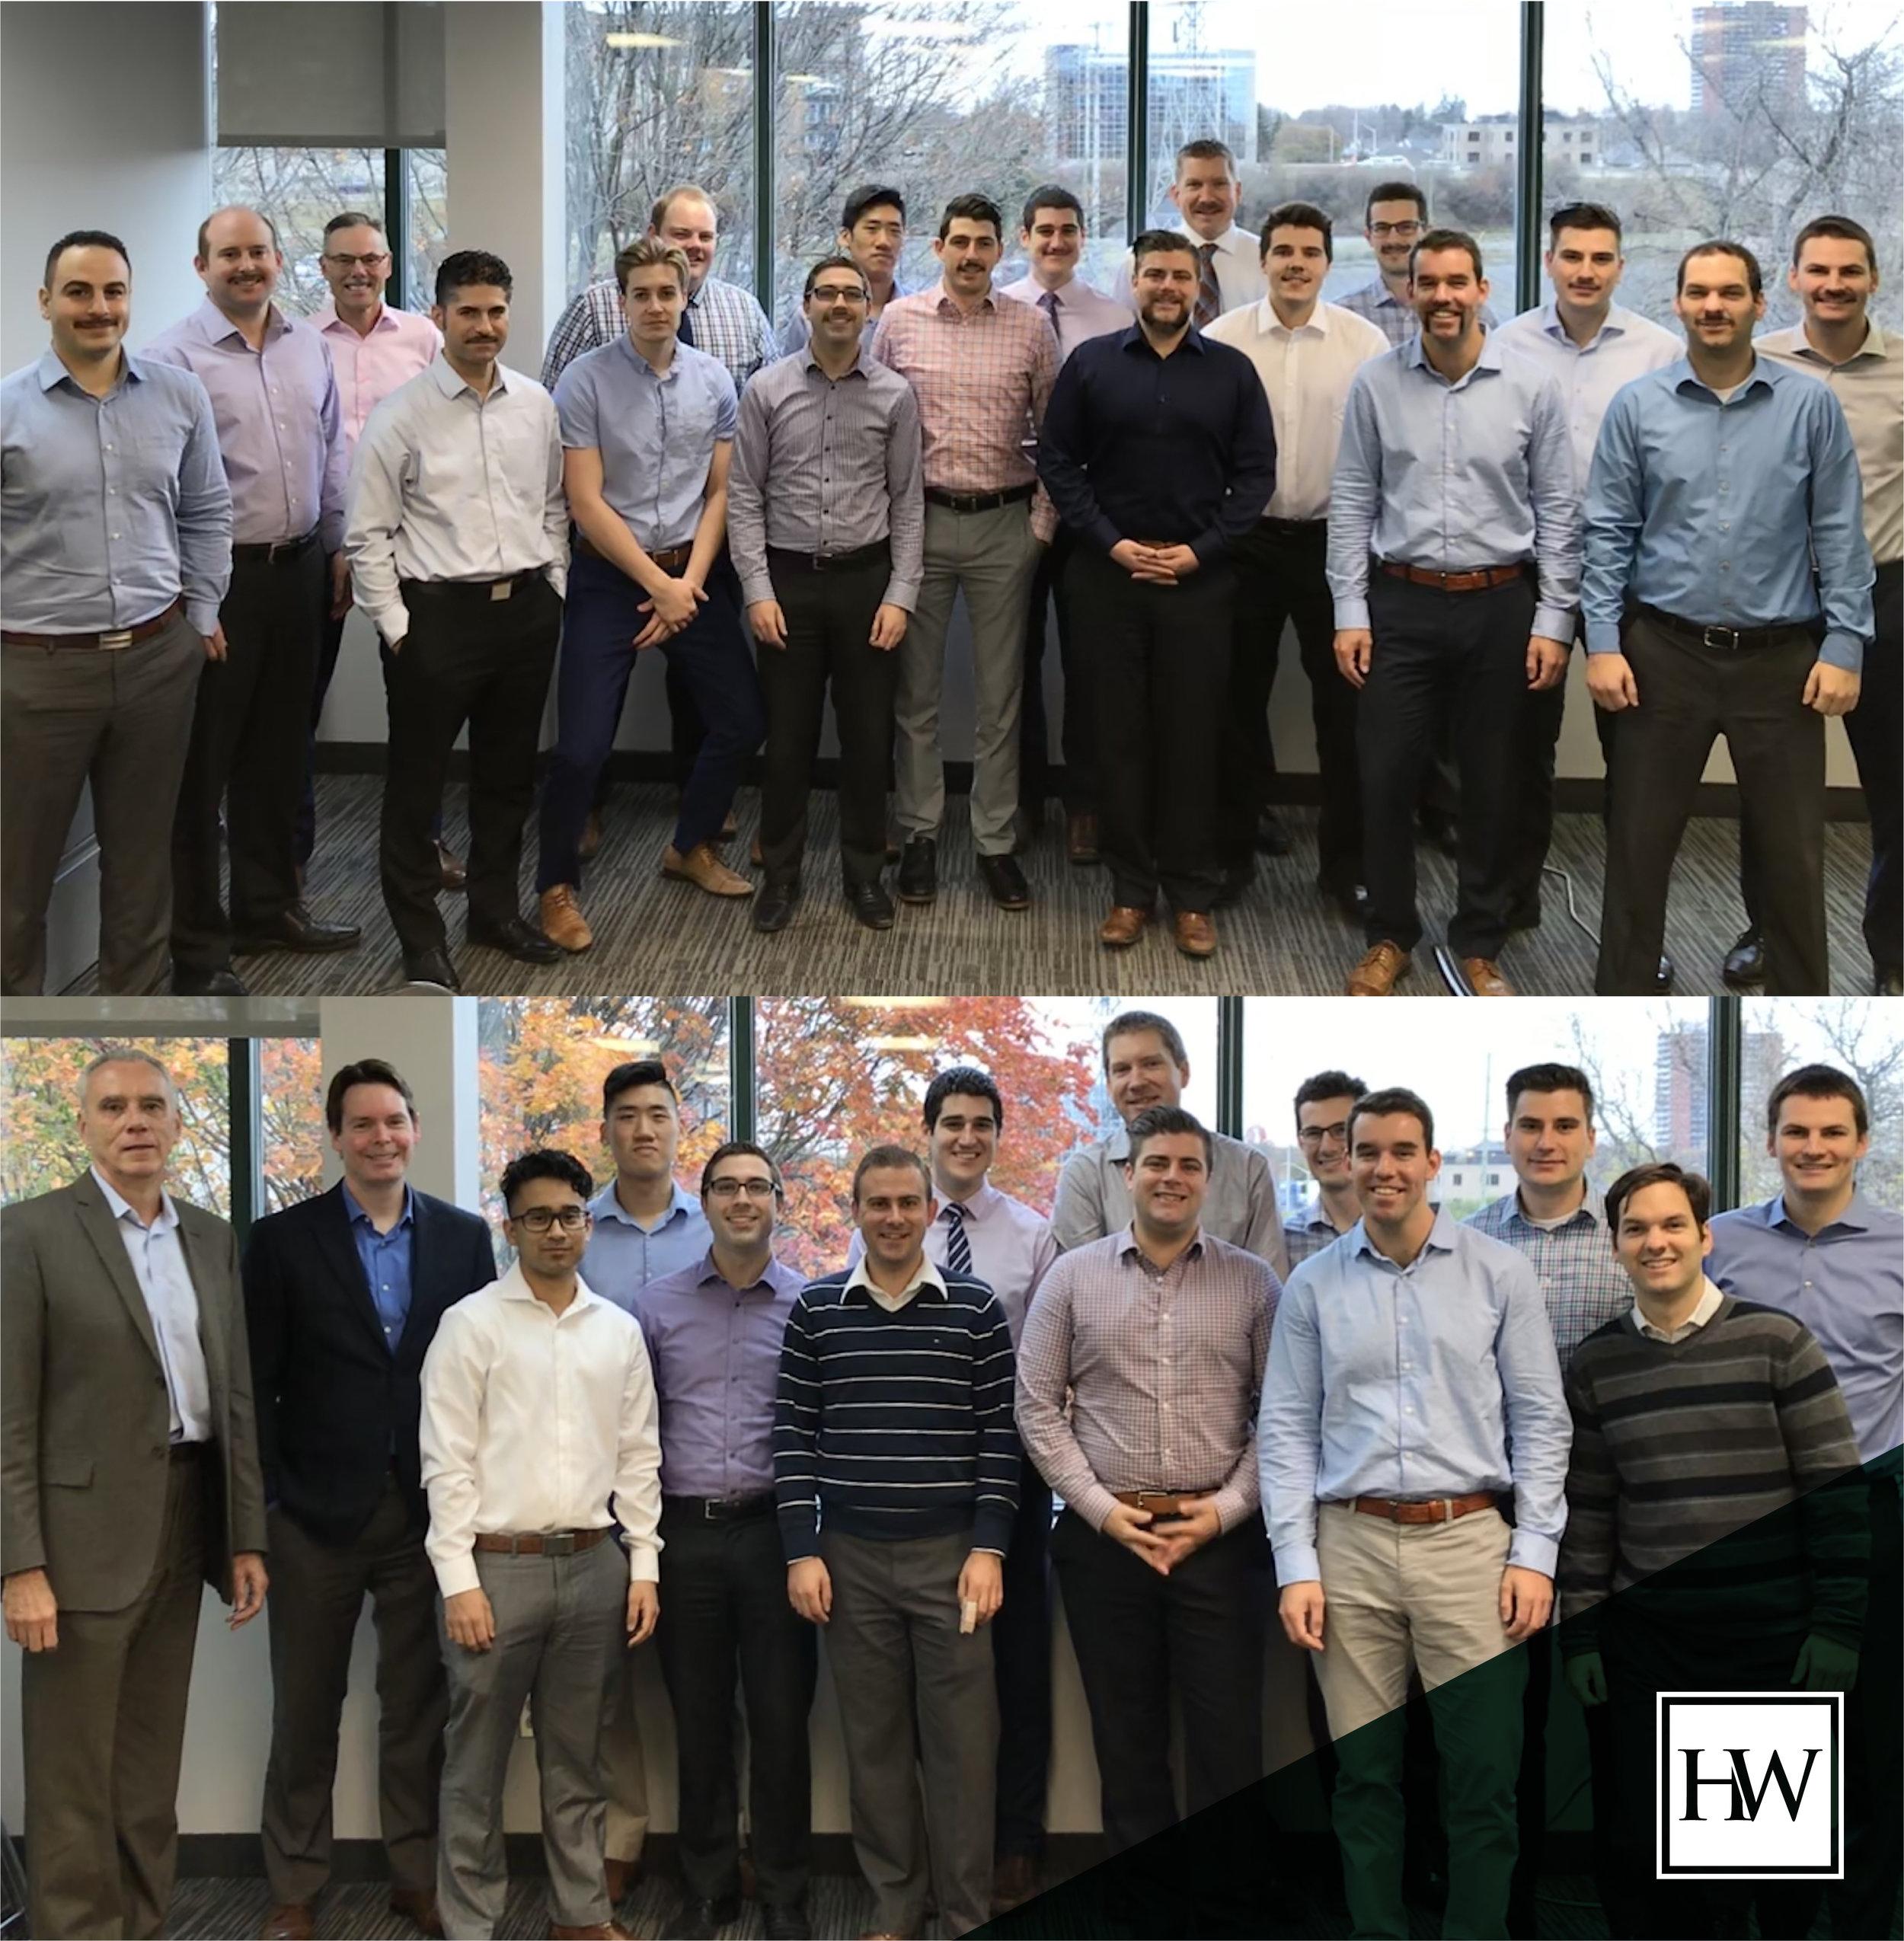 HW-Movember-Branded-01.jpg